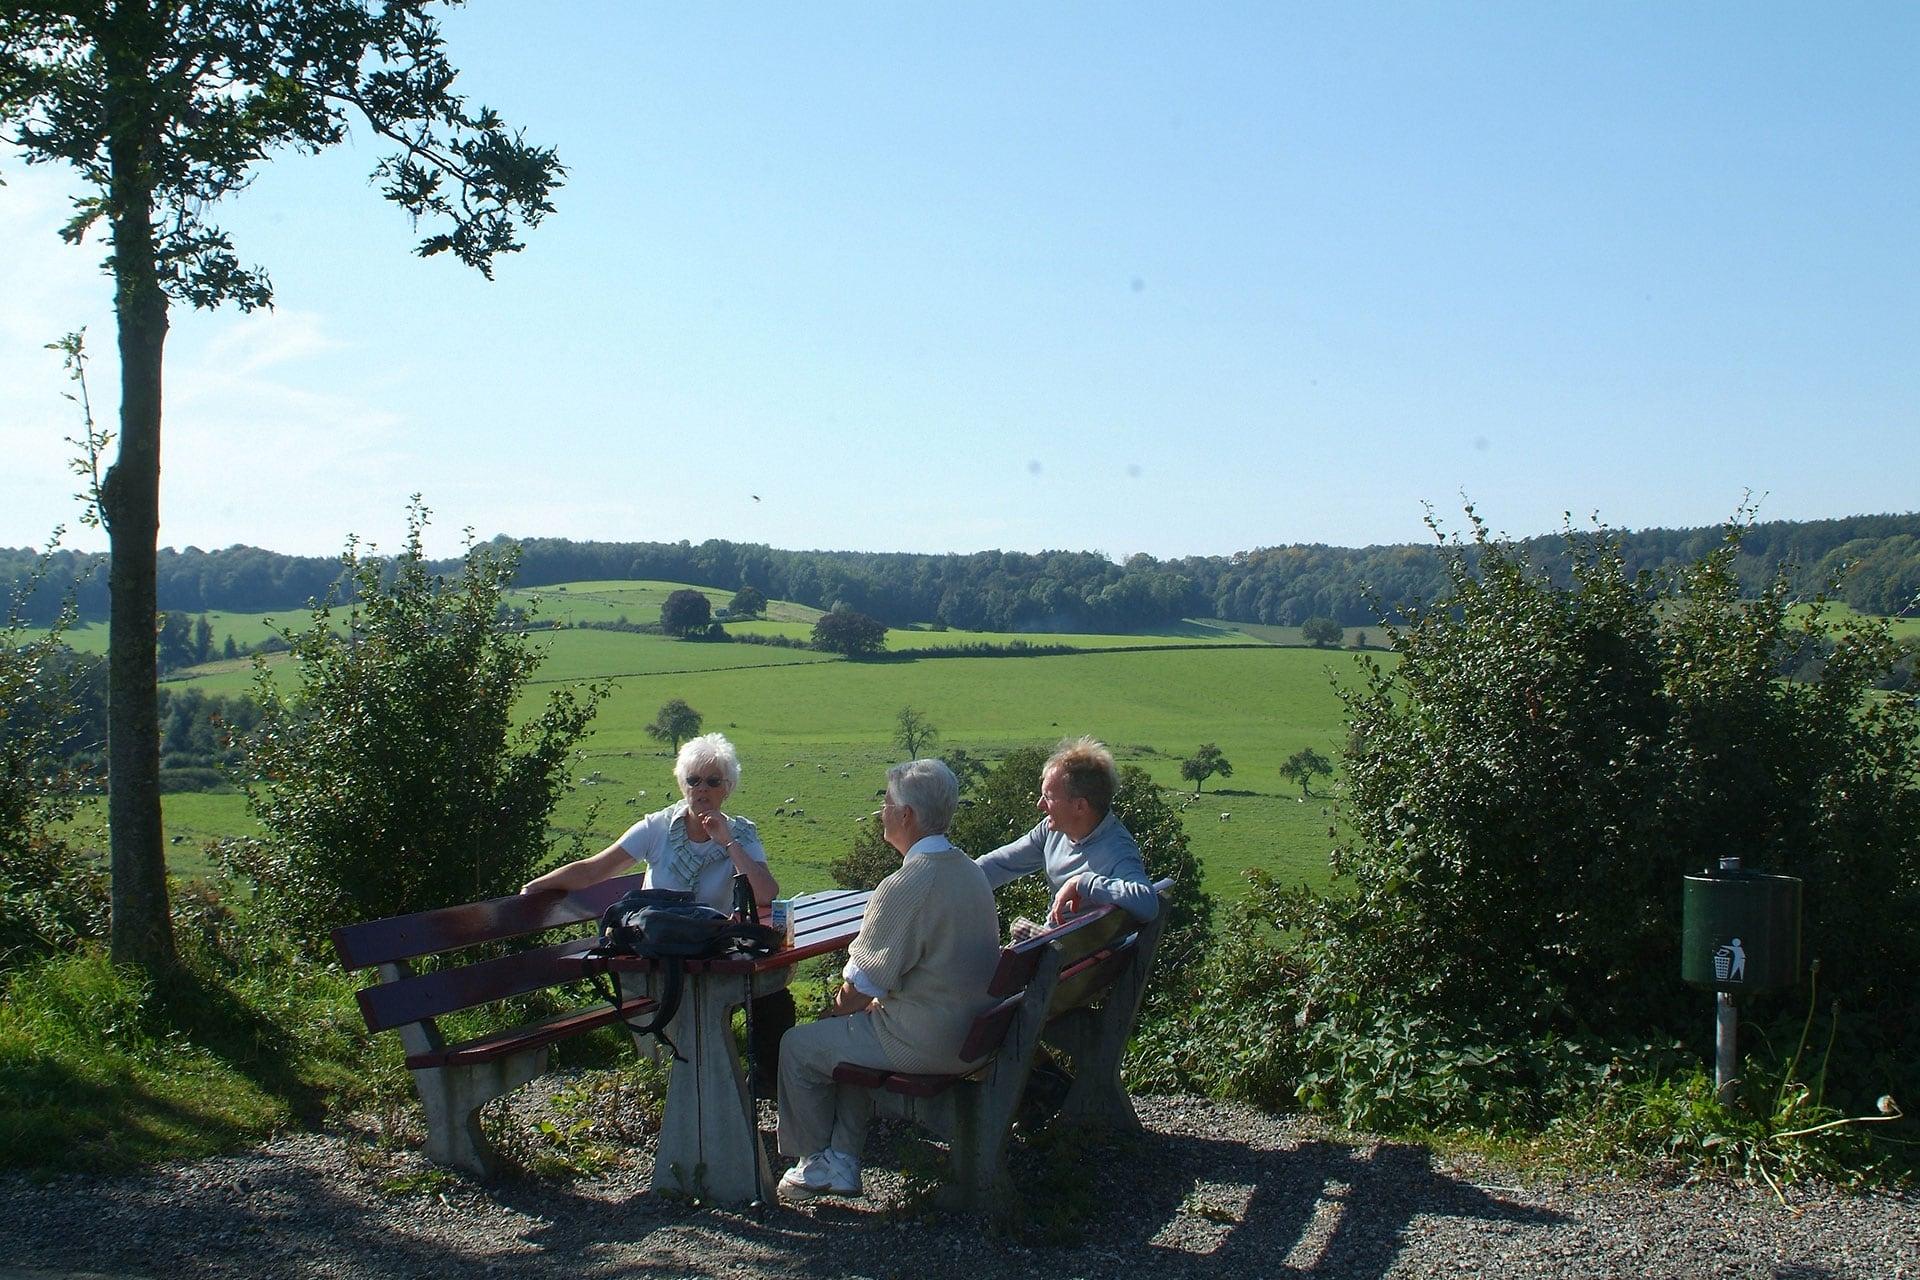 Environs - Limburgia